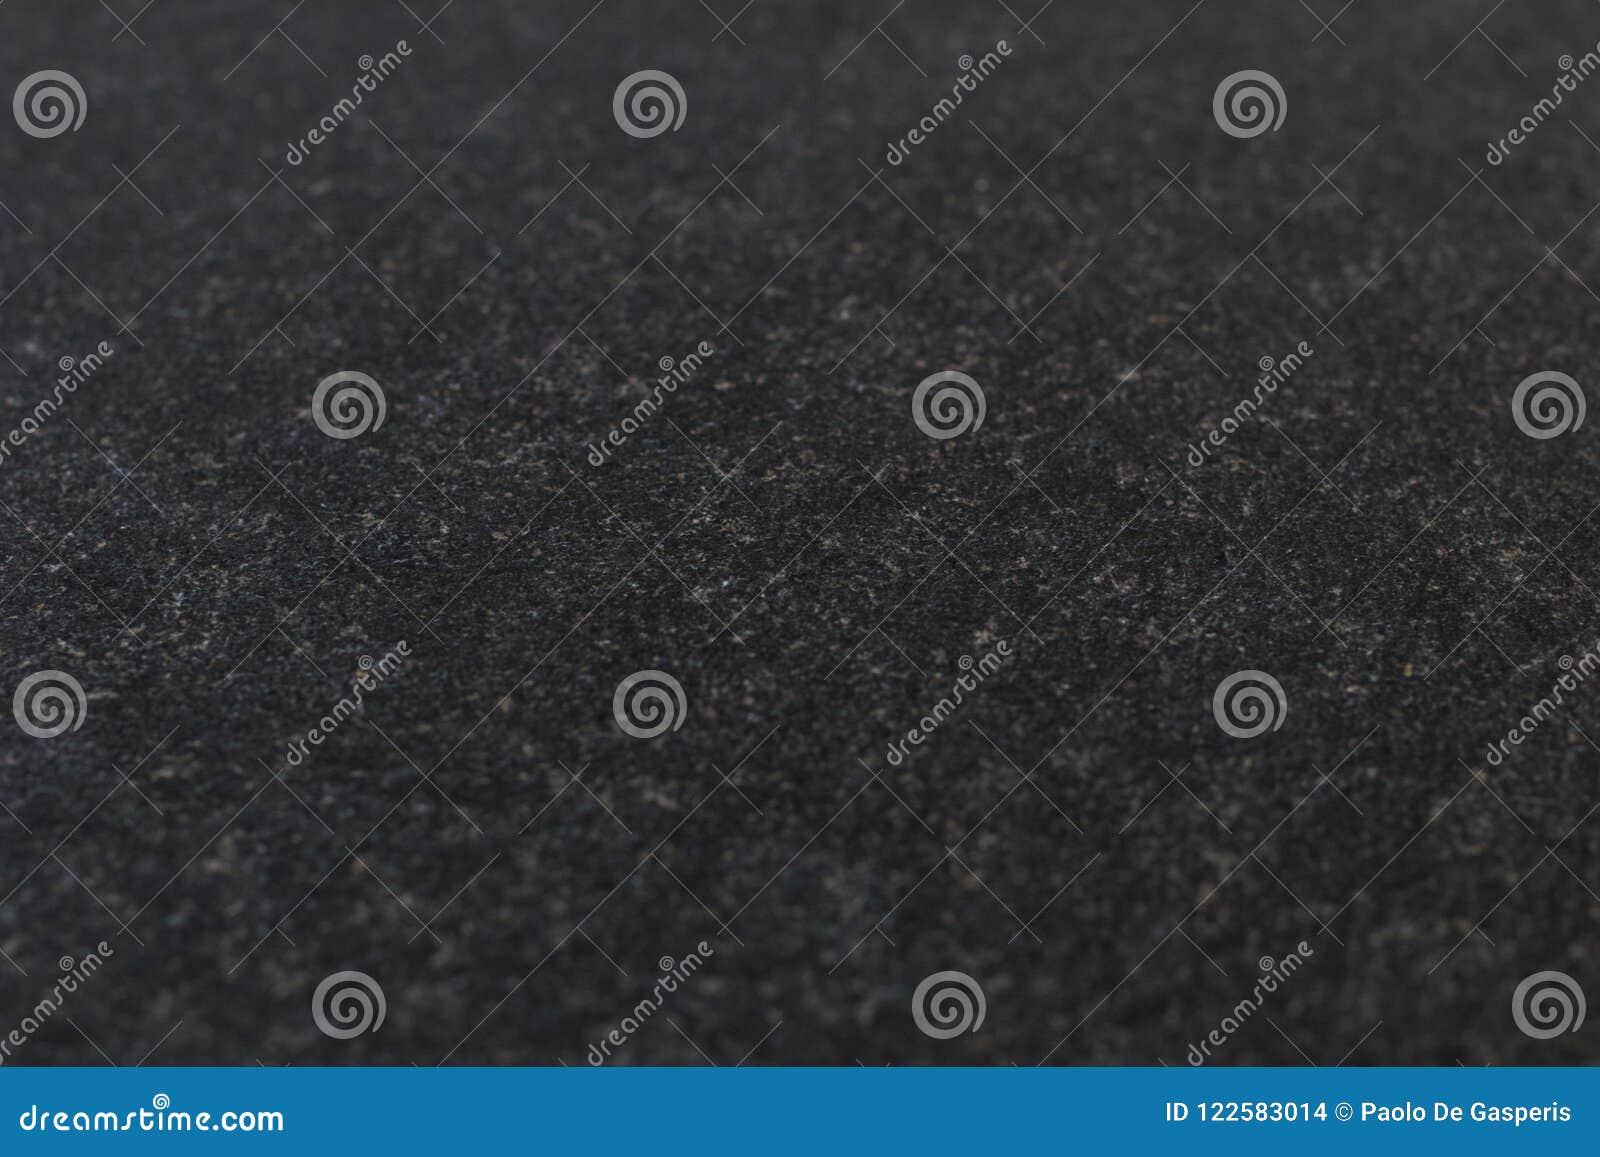 Cegiełka czerń kamień, pracuję oczyszczony z szorstkim i granitowy i